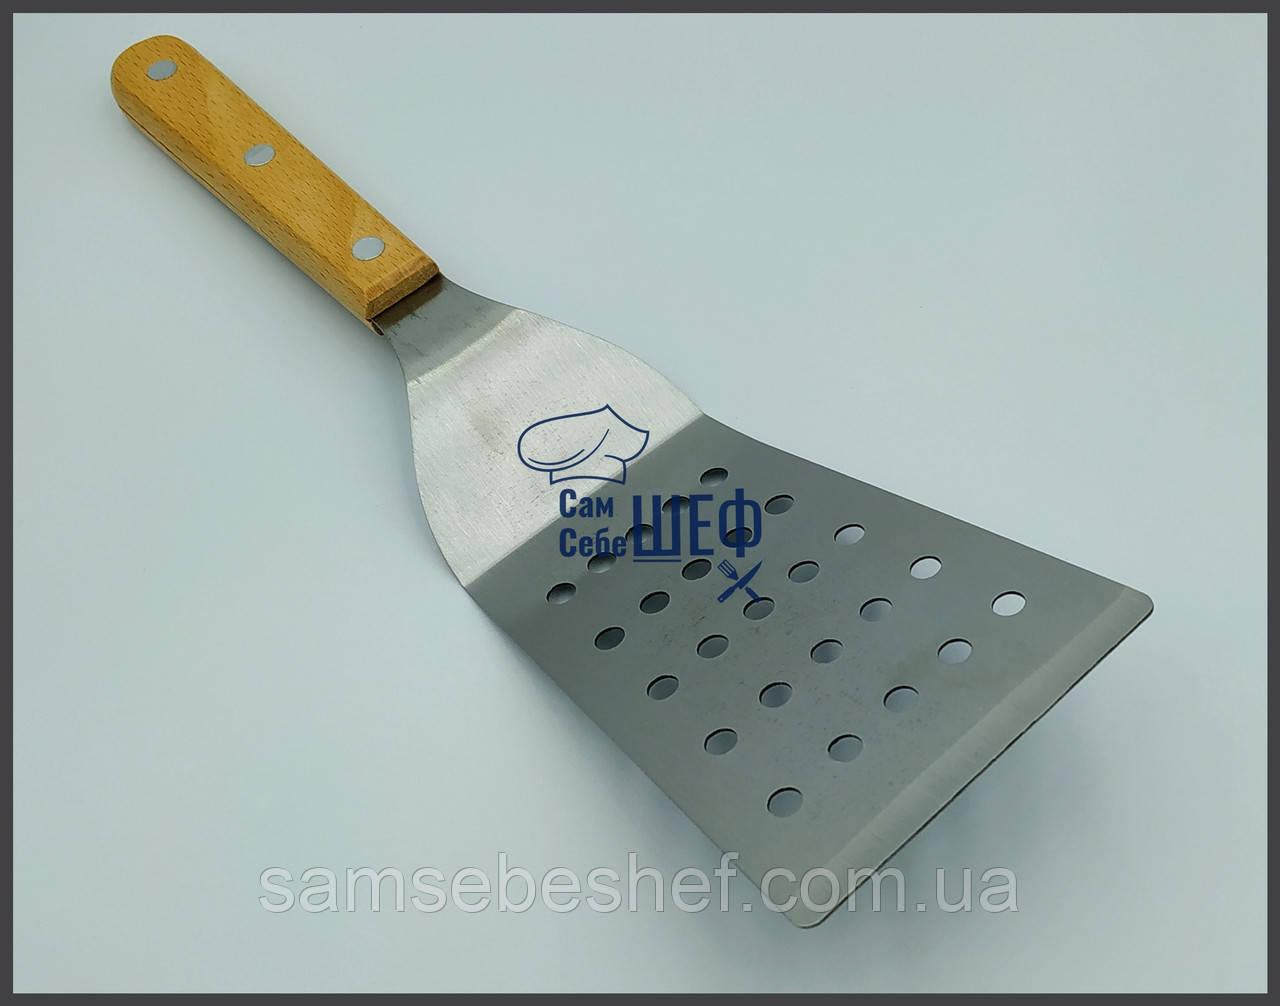 Лопатка изогнутая перфорированная для переворачивания на гриле GA Dynasty26042